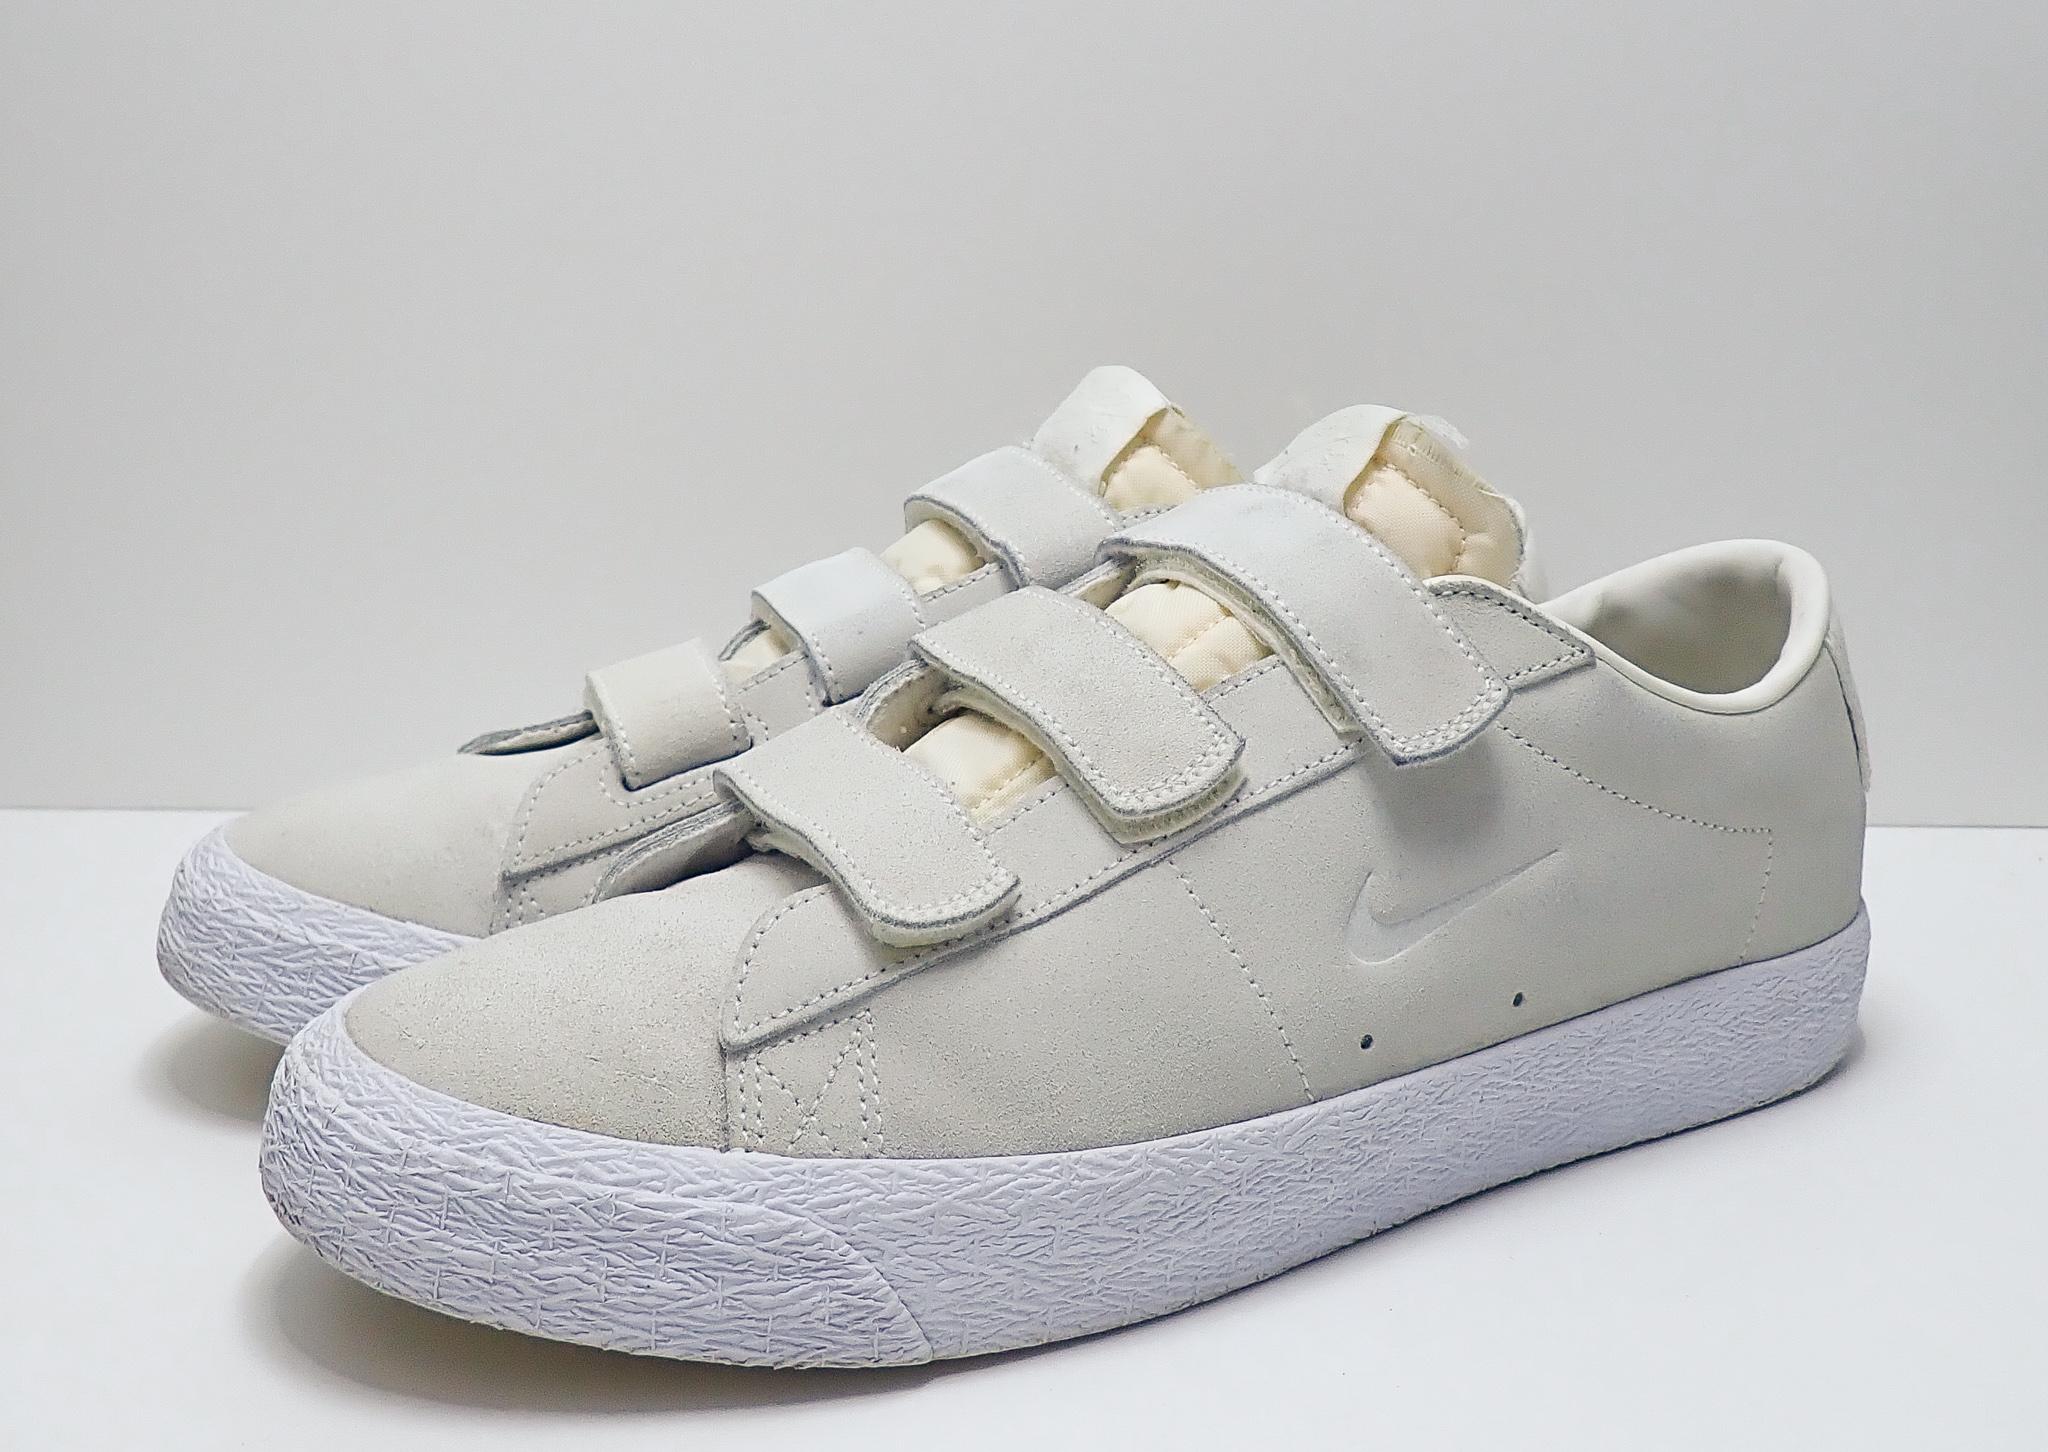 Nike SB Blazer Low AC Numbers Sail